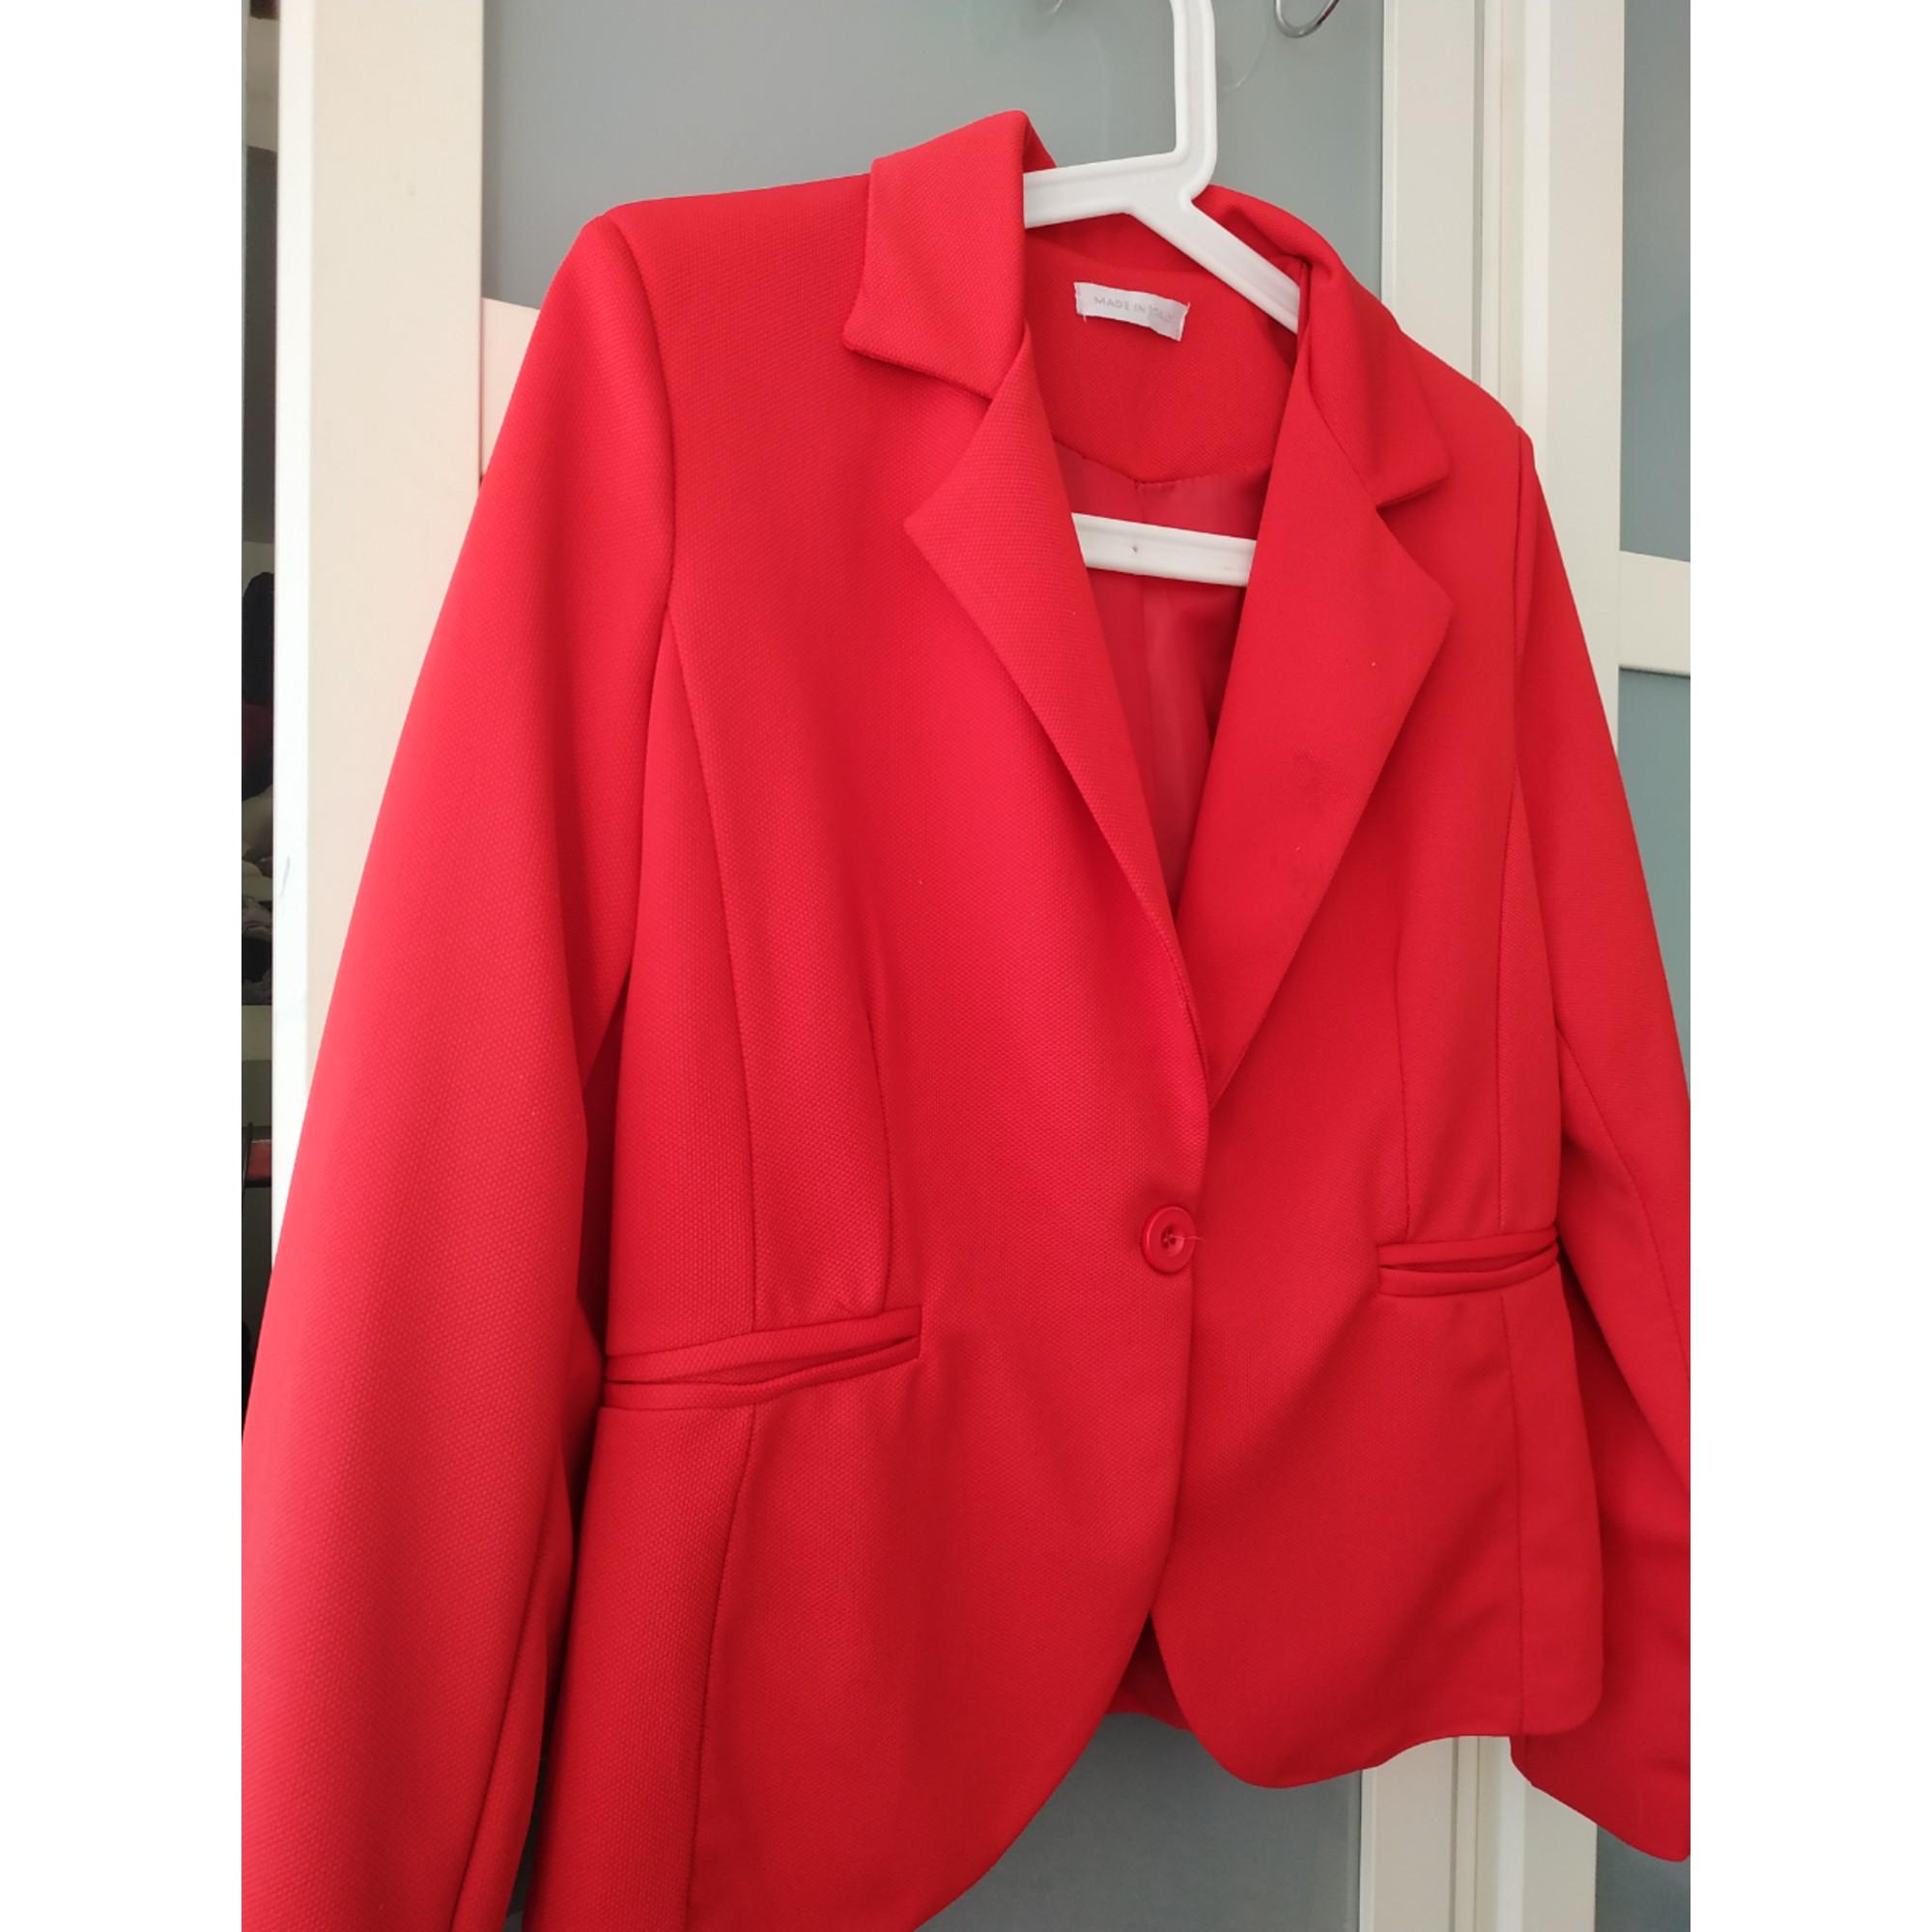 Blazer, veste tailleur MARQUE INCONNUE Rouge, bordeaux